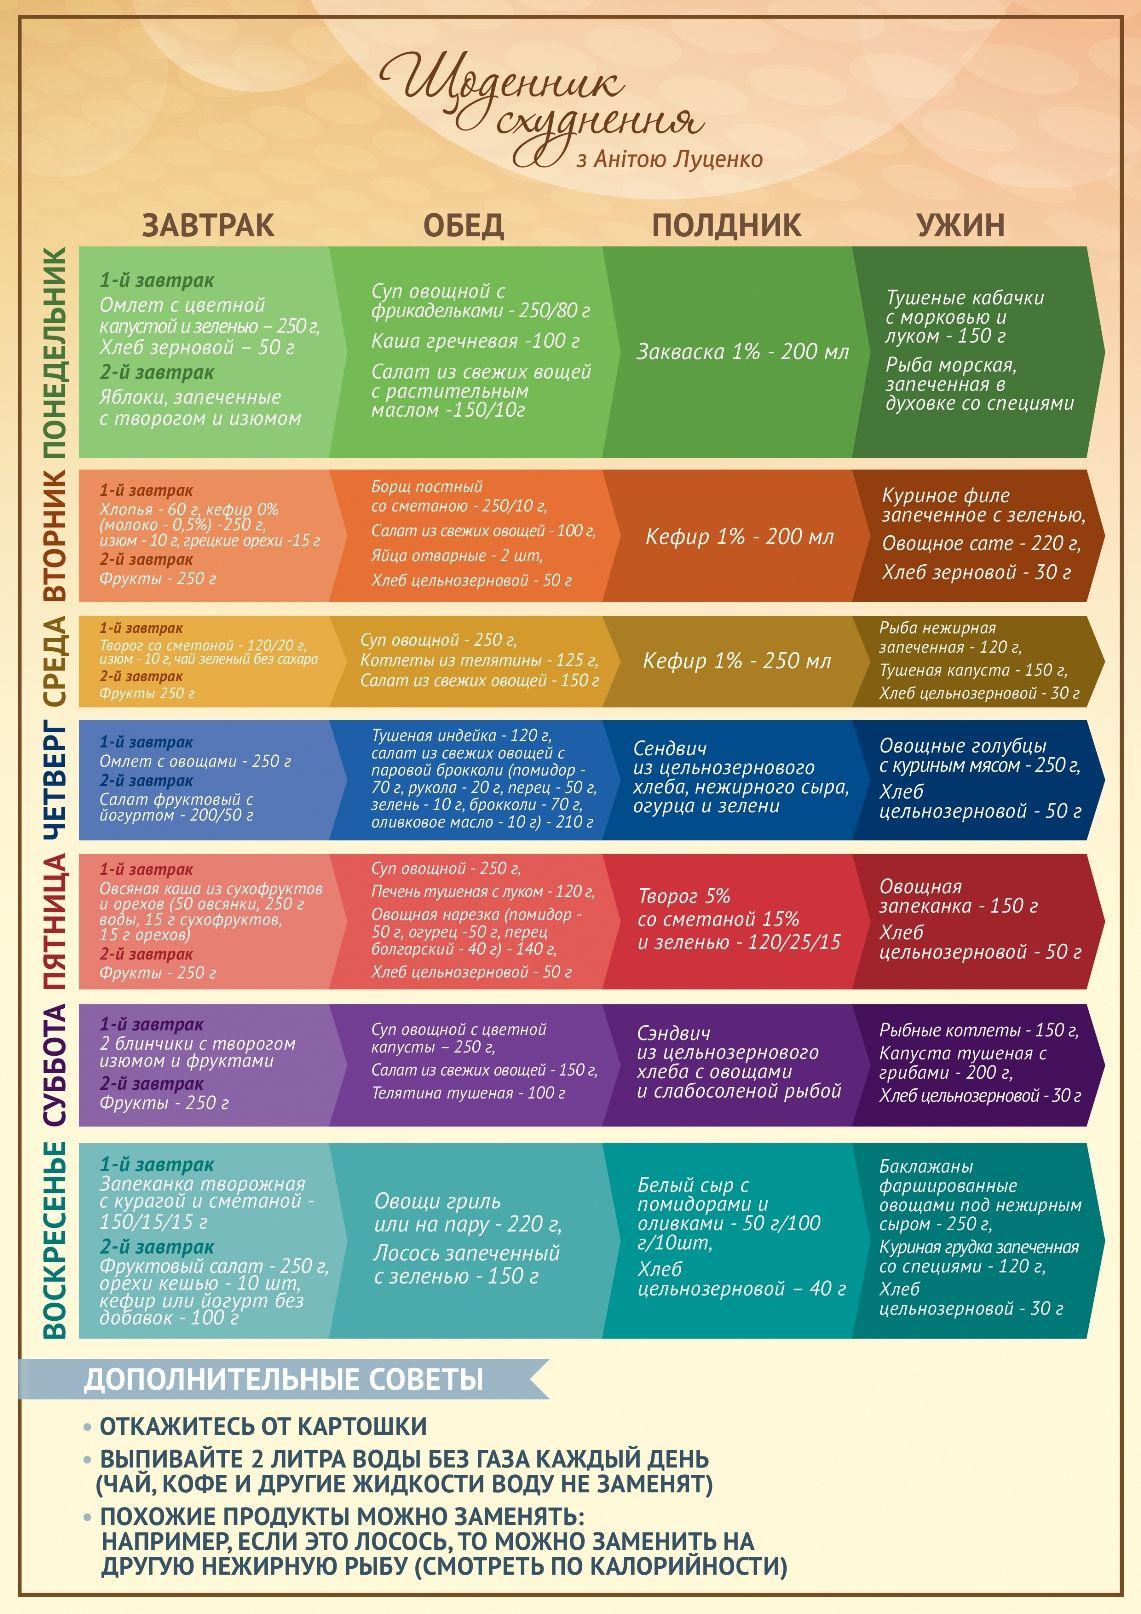 Как Создать Рацион Питания Для Похудения. 5 готовых вариантов меню на неделю для похудения и диеты